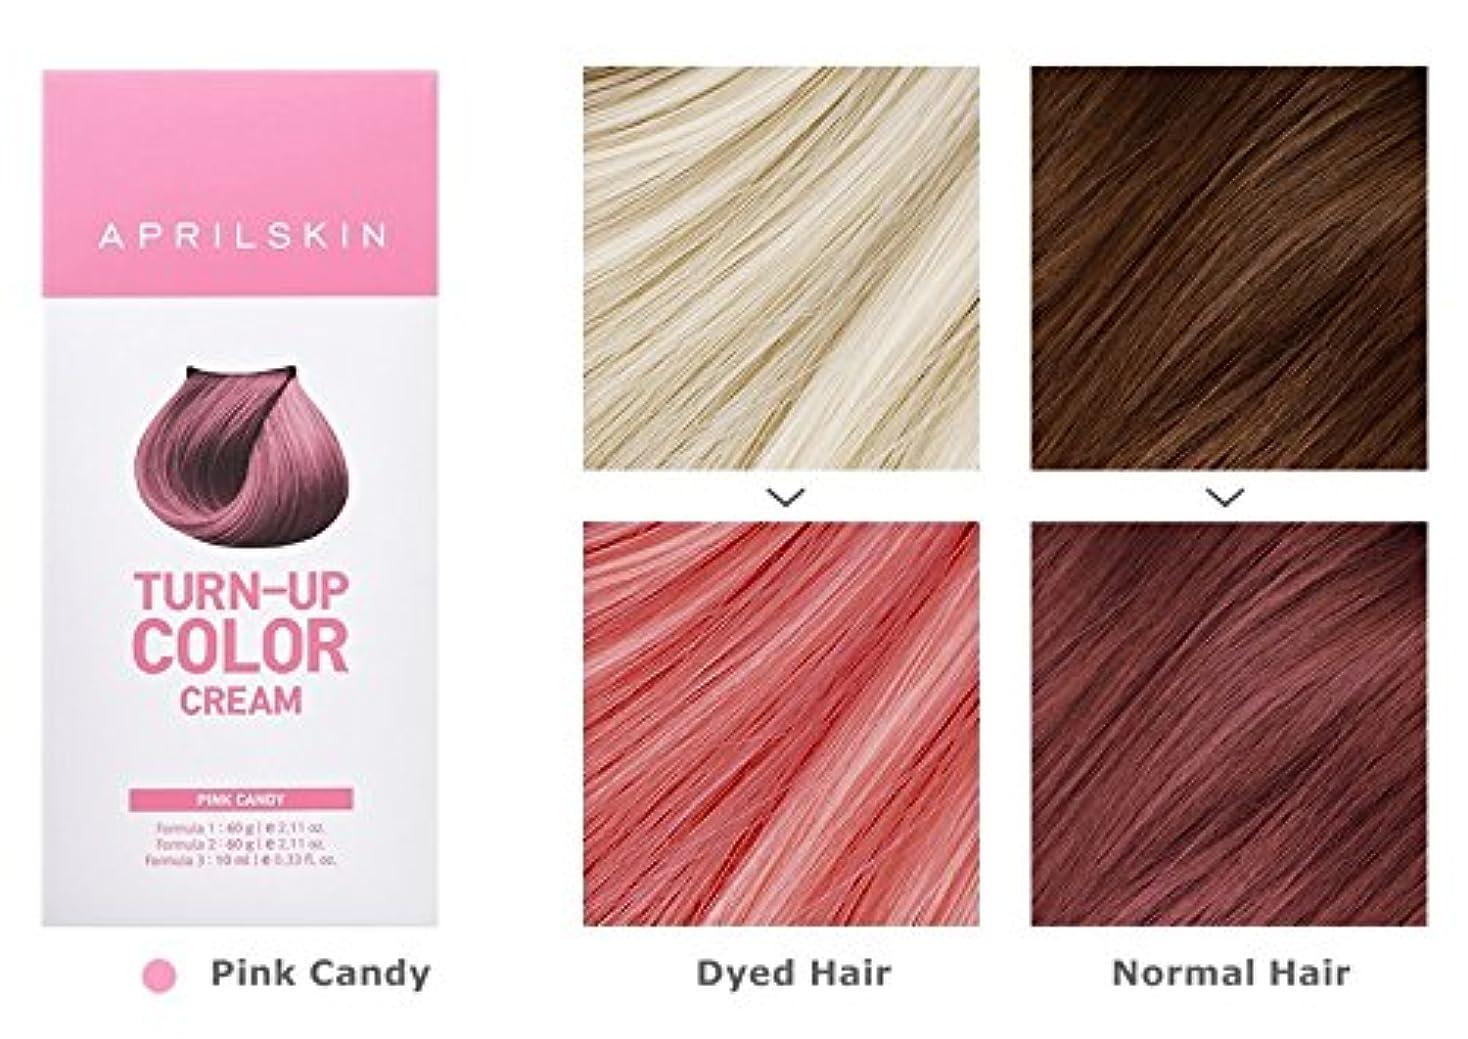 乙女子孫削除するApril Skin Turn Up Color Cream Long lasting Texture Type Hair Dye エイプリルスキン ターンアップカラークリーム長持ちテクスチャタイプヘアダイ (紅)